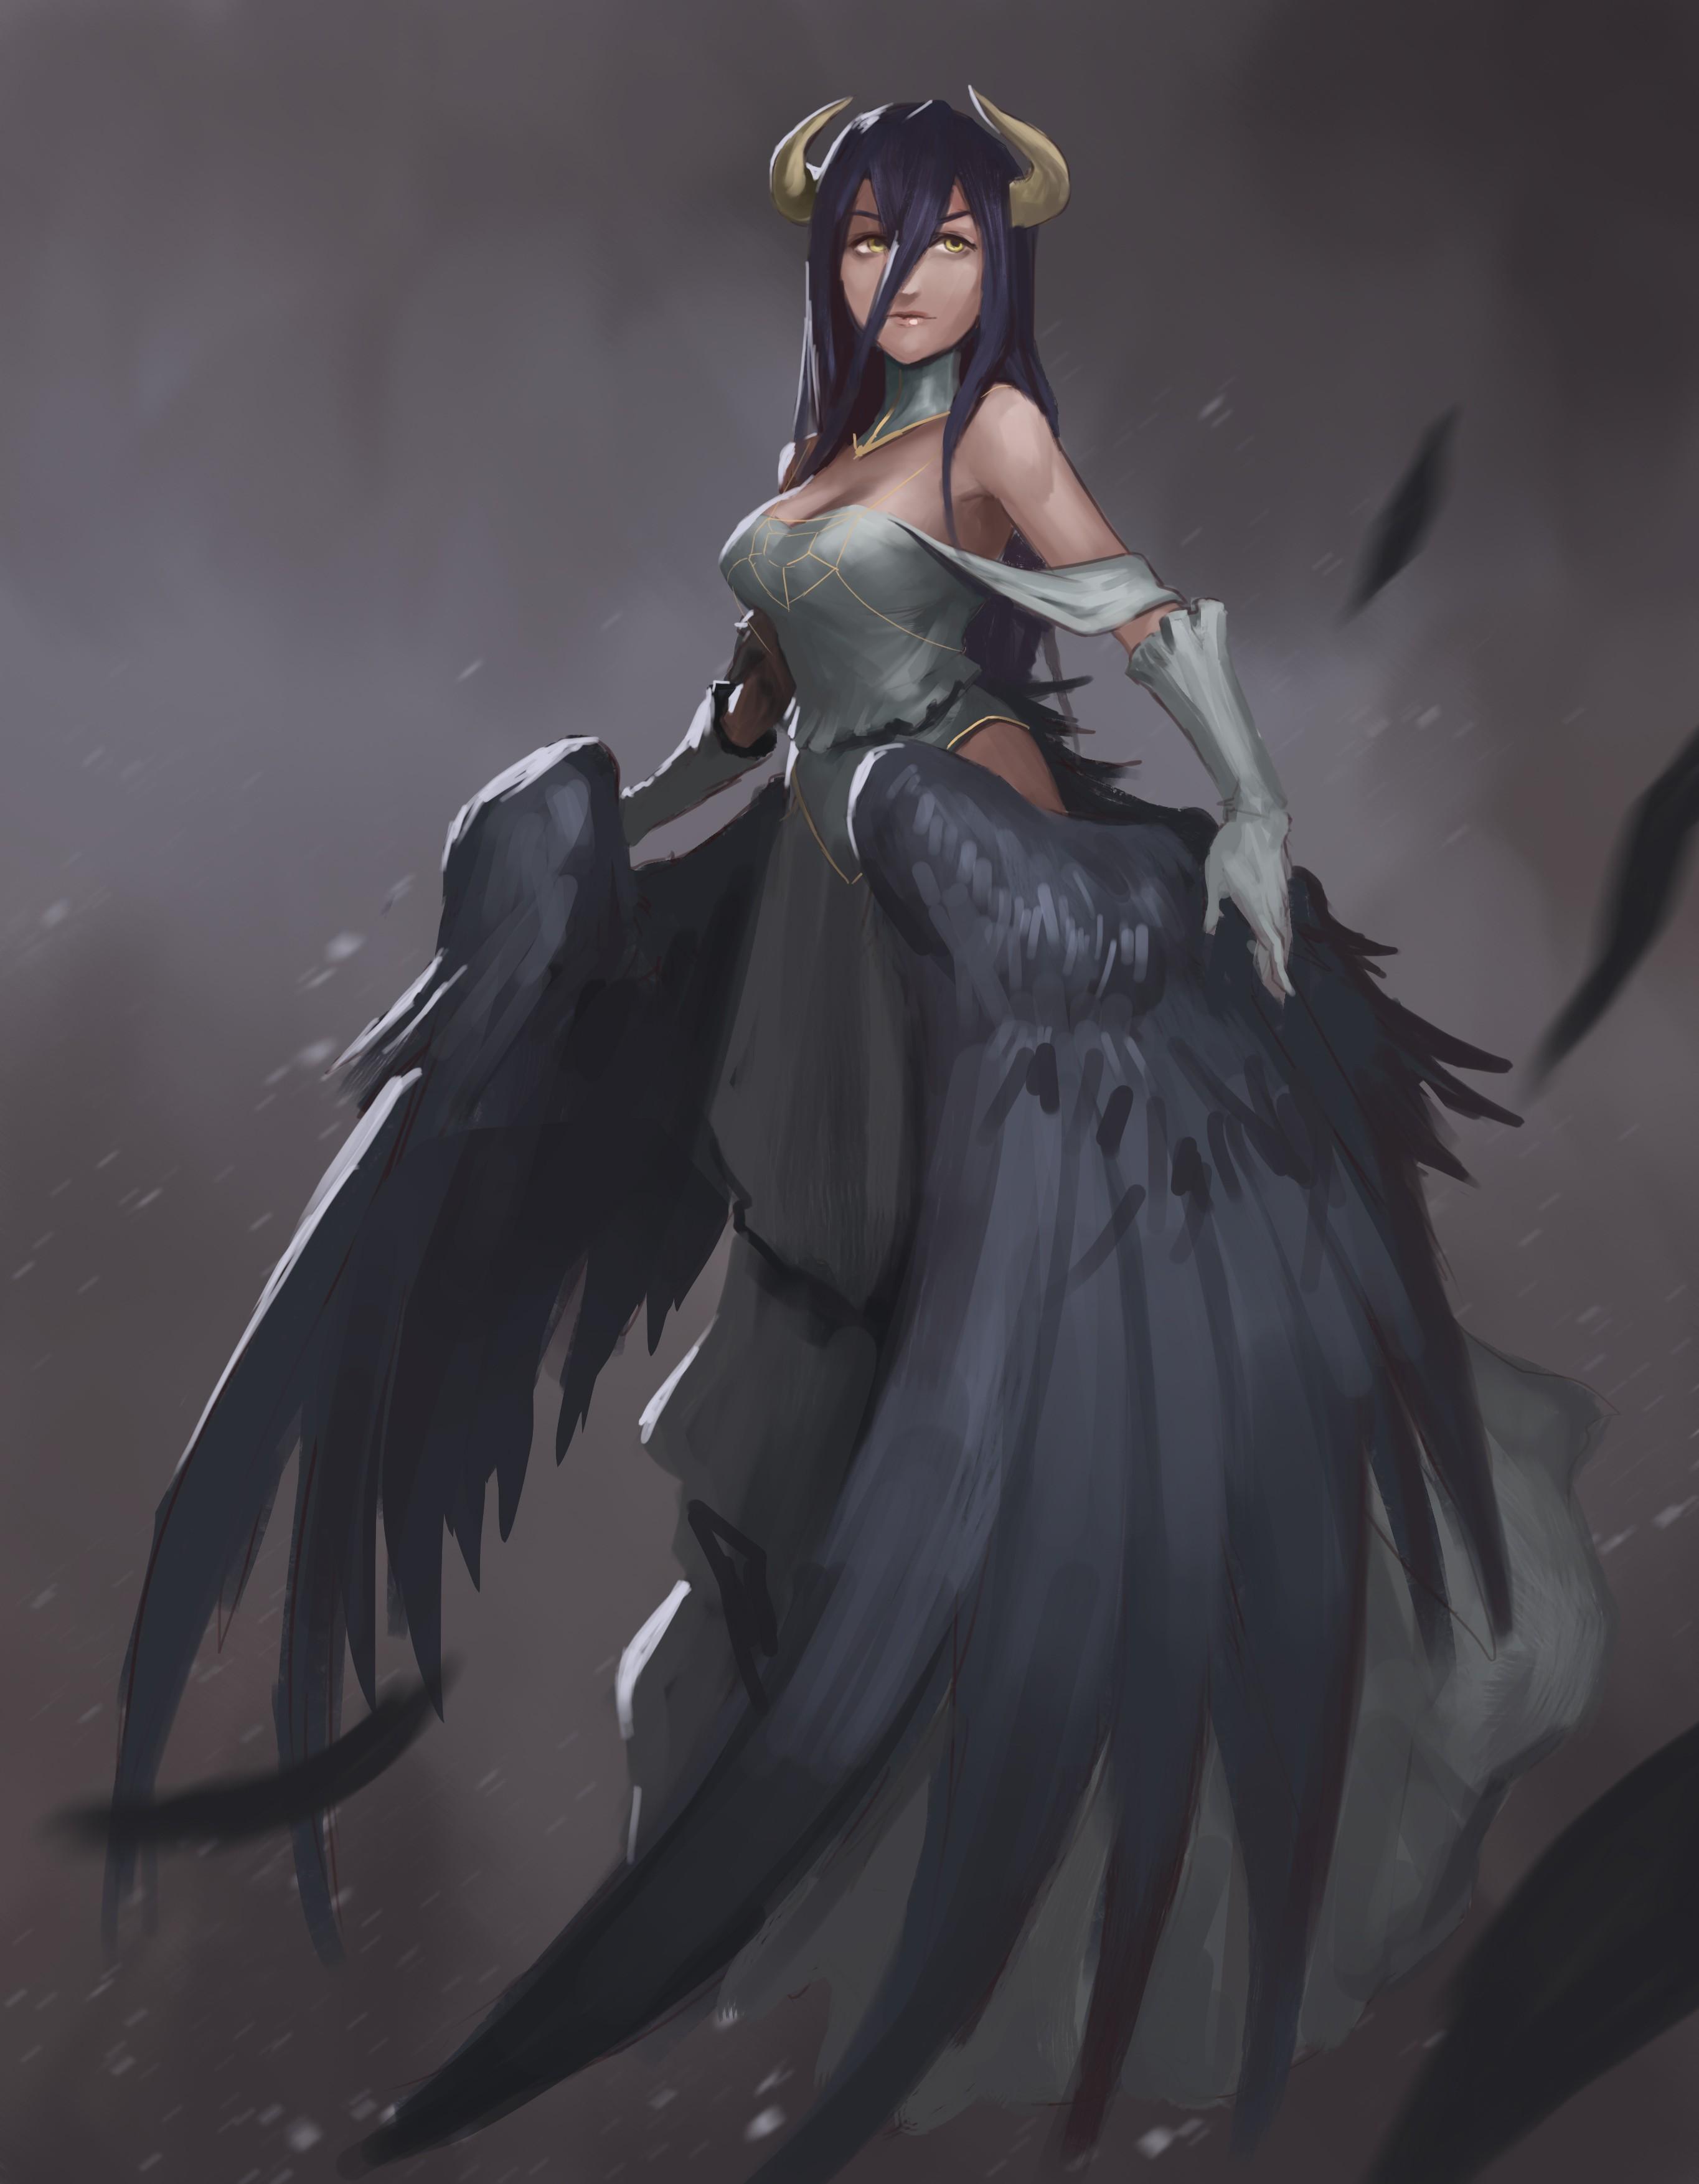 Fondos De Pantalla Anime De Overlord Chicas Anime Albedo